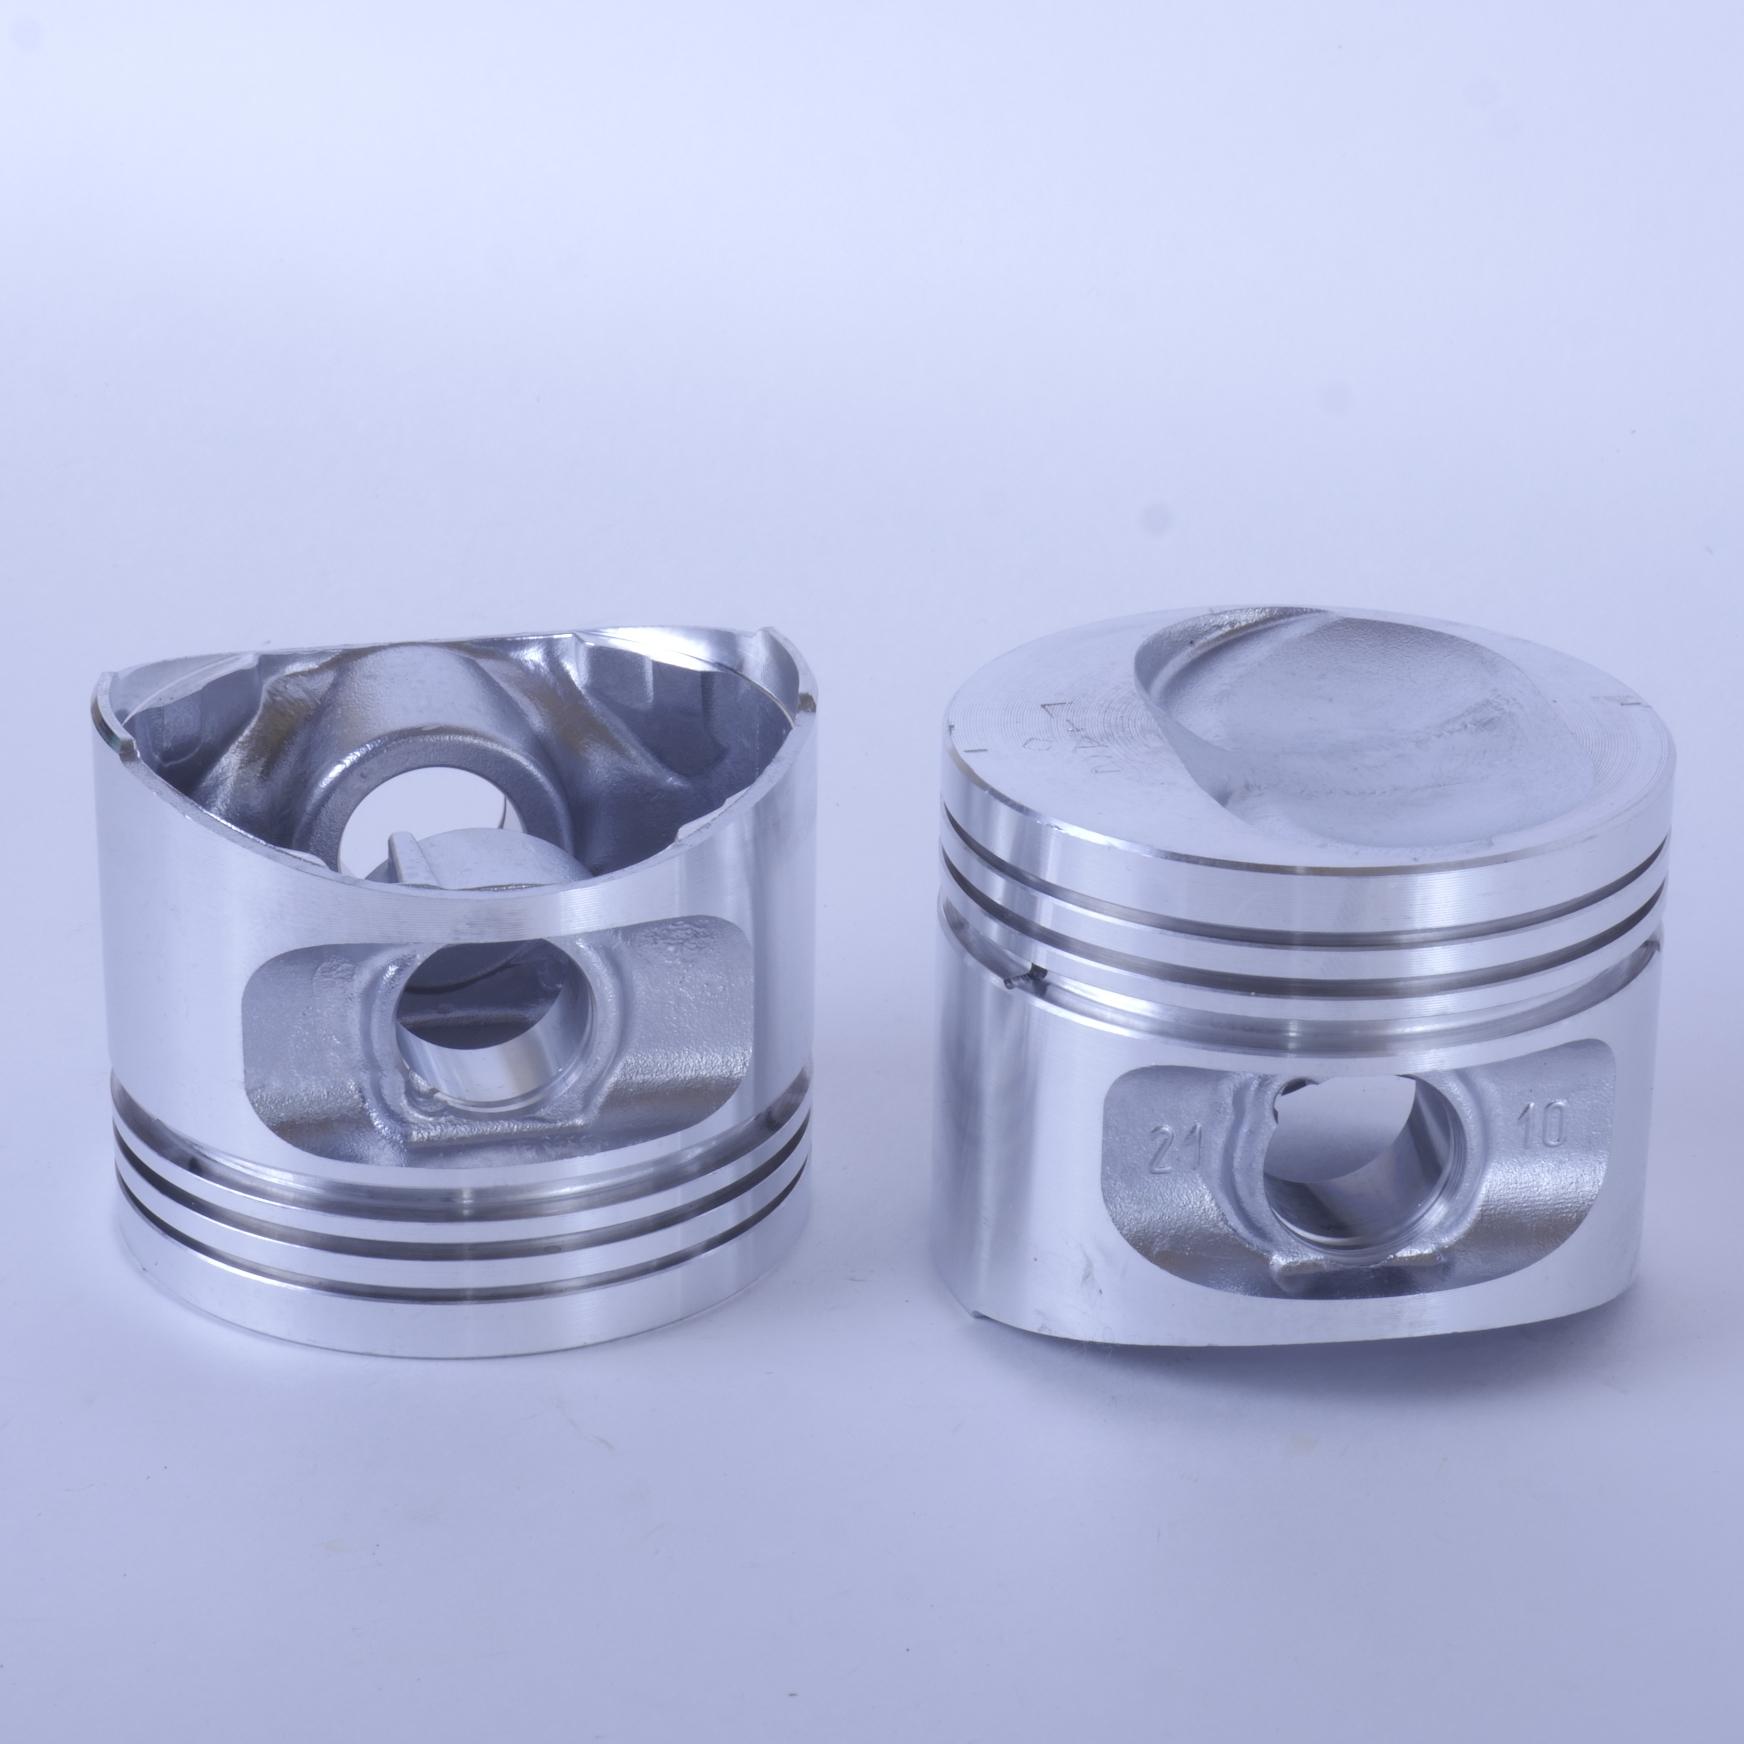 Комплект поршней ВАЗ-2108 … -2112 и LADA Samara (поршни+пальцы+поршневые кольца), 2 ремонтный размер (d=82,8)